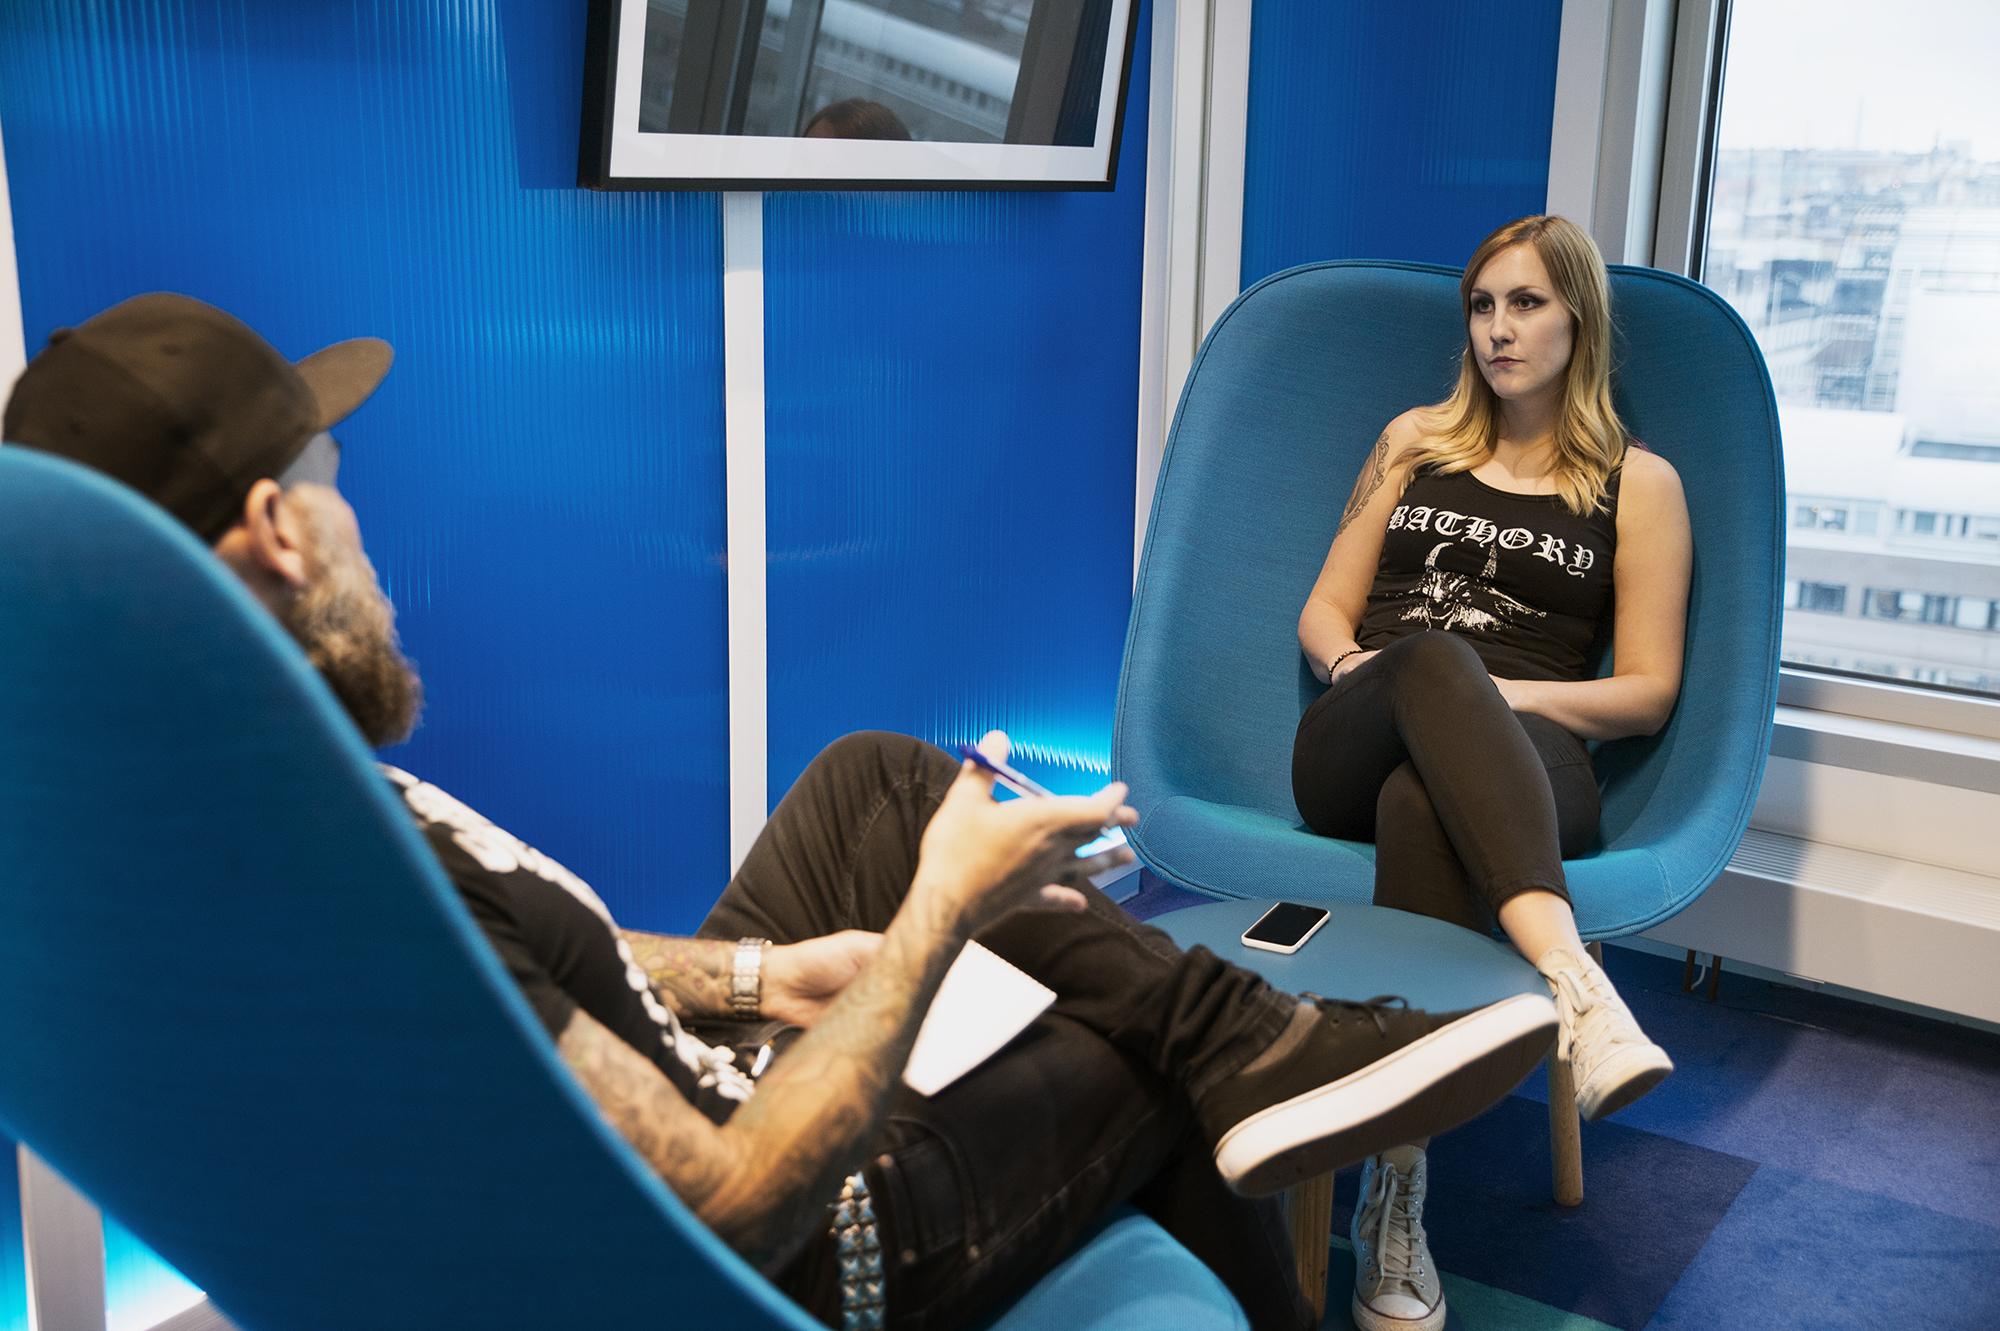 Här intervjuas Aftonbladets nya hårdrockskribent Sofia Bergström av sin företrädare Mattias Kling. Foto: Sofia Nahringbauer